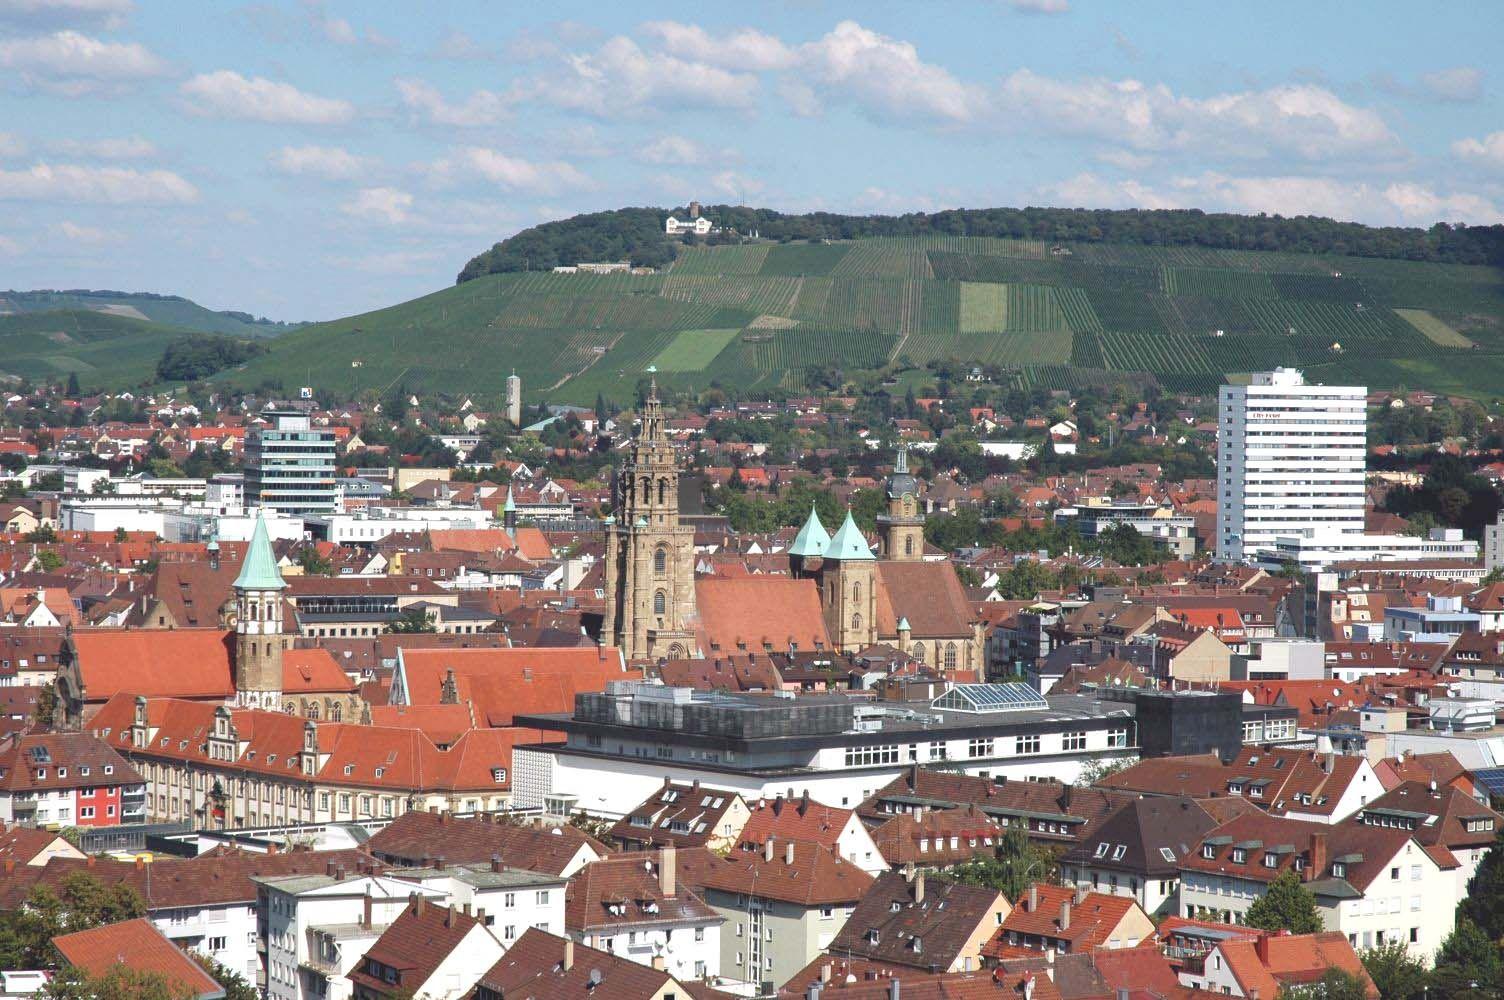 Deutsch Die Heilbronner Innenstadt Mit Dem Wartberg Im Hintergrund Standort Rosenberg Hochhaus English Inner City Of Hei Heilbronn Innenstadt Deutschland